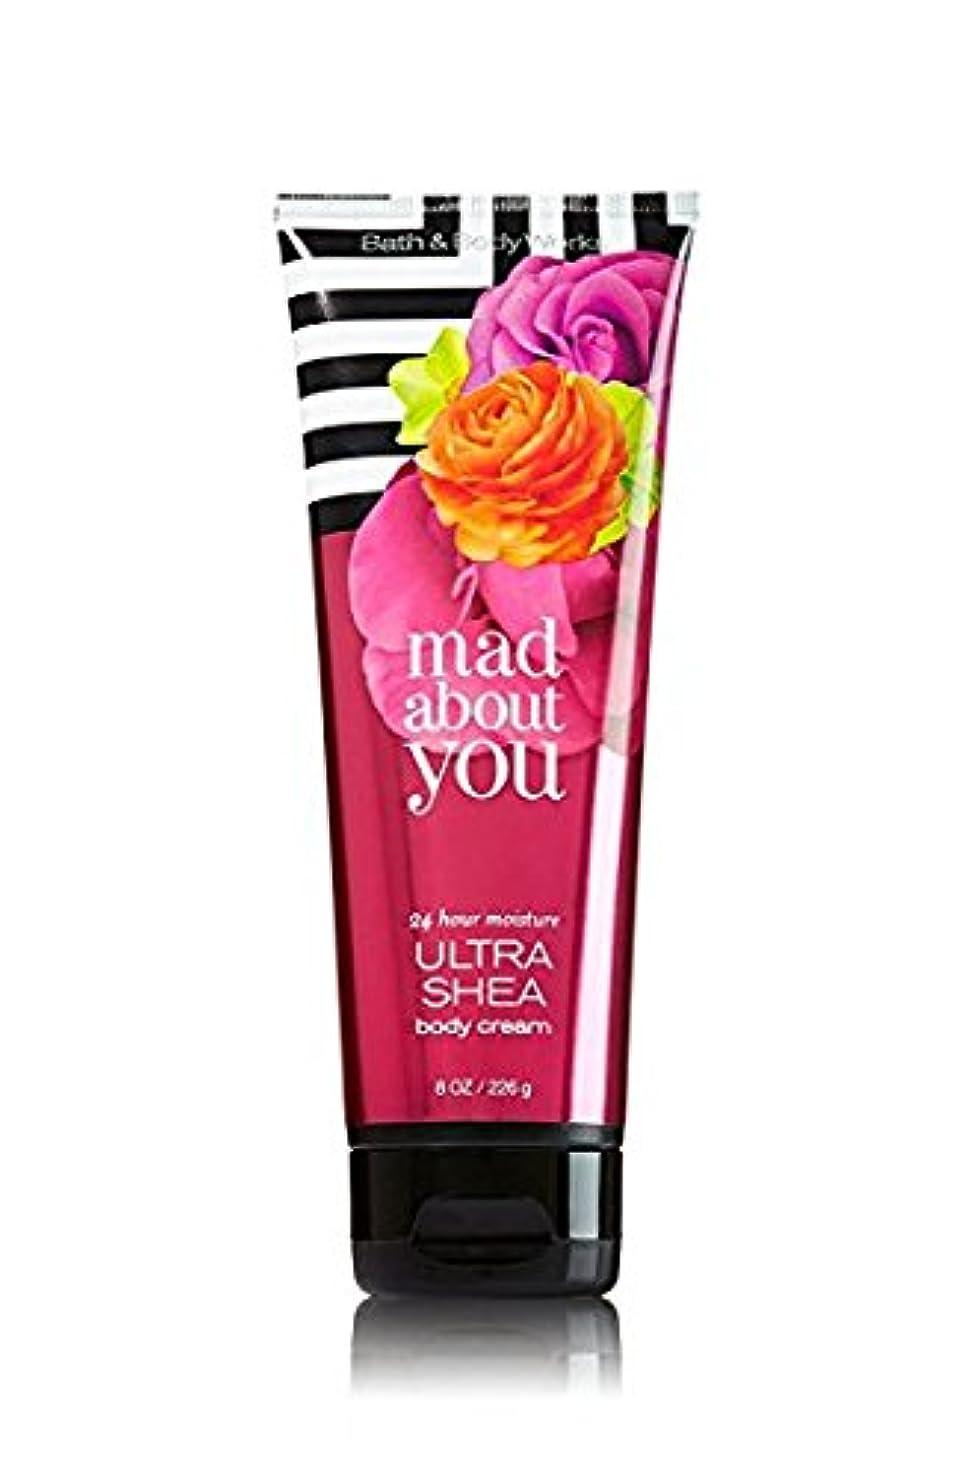 大破巡礼者シャイニング【Bath&Body Works/バス&ボディワークス】 ボディクリーム マッドアバウトユー Body Cream Mad About You 8 oz / 226 g [並行輸入品]